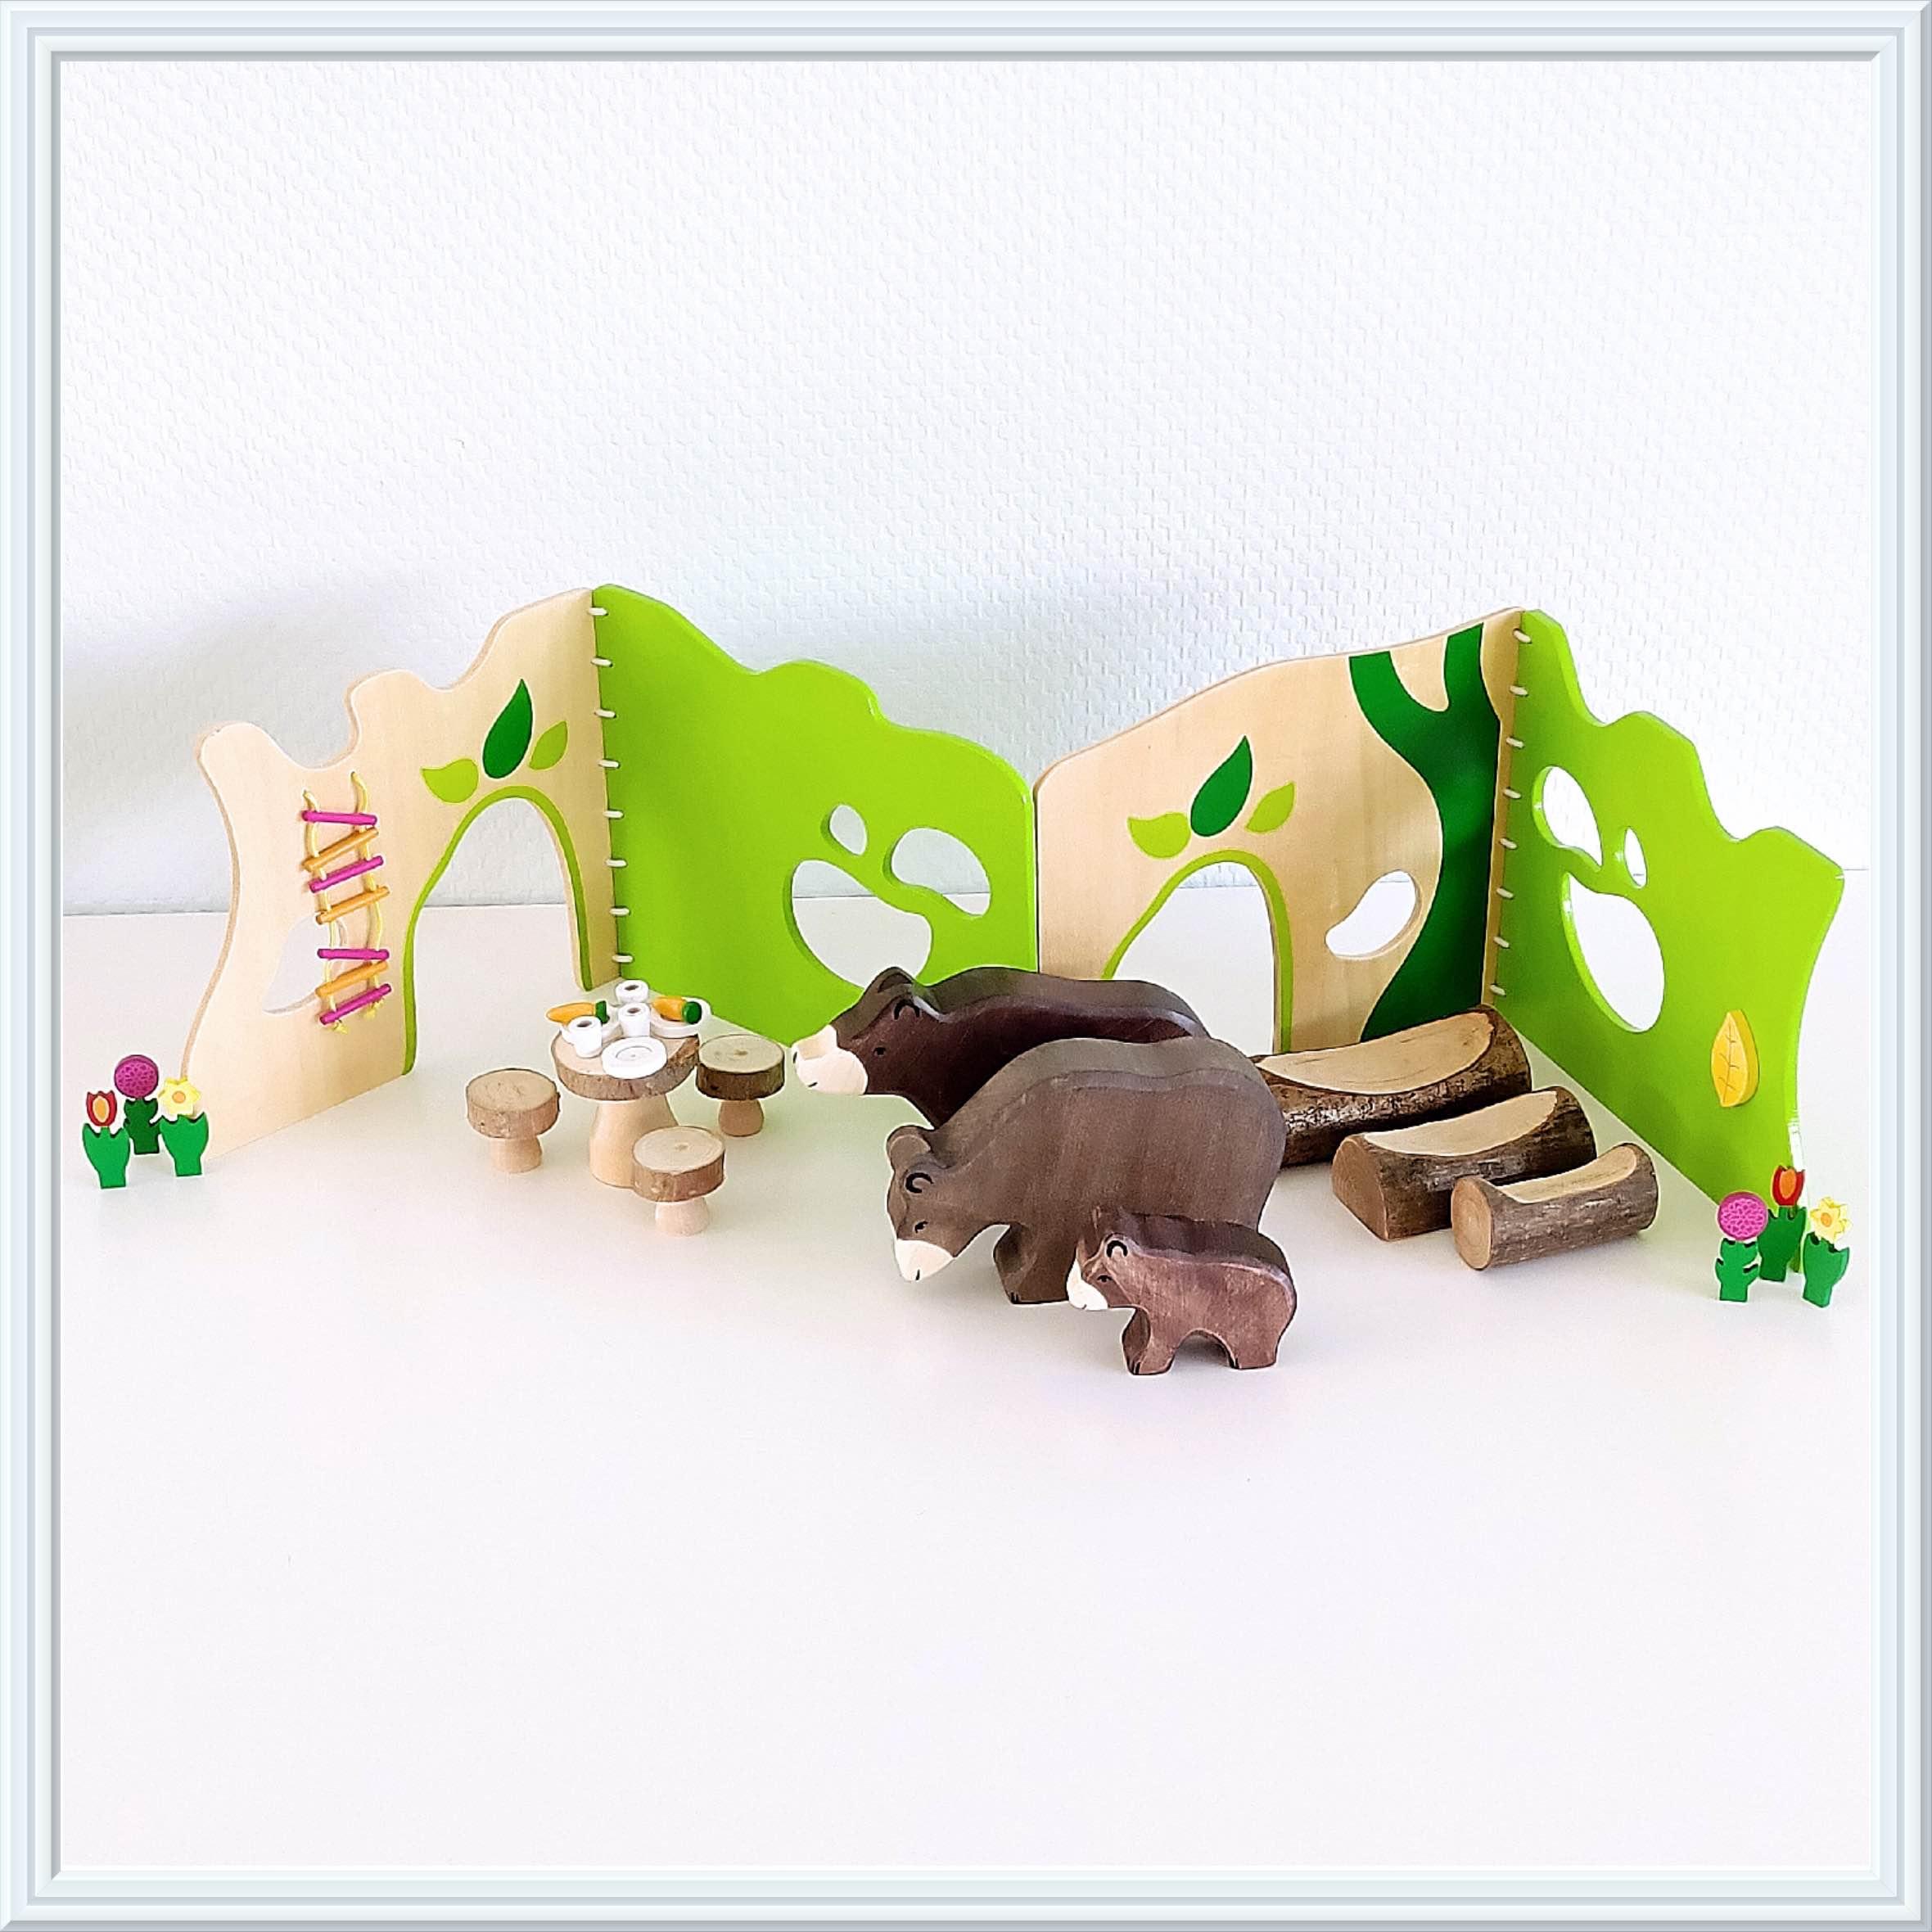 Sprookjes met houten speelgoed, goudlokje en de drie beren